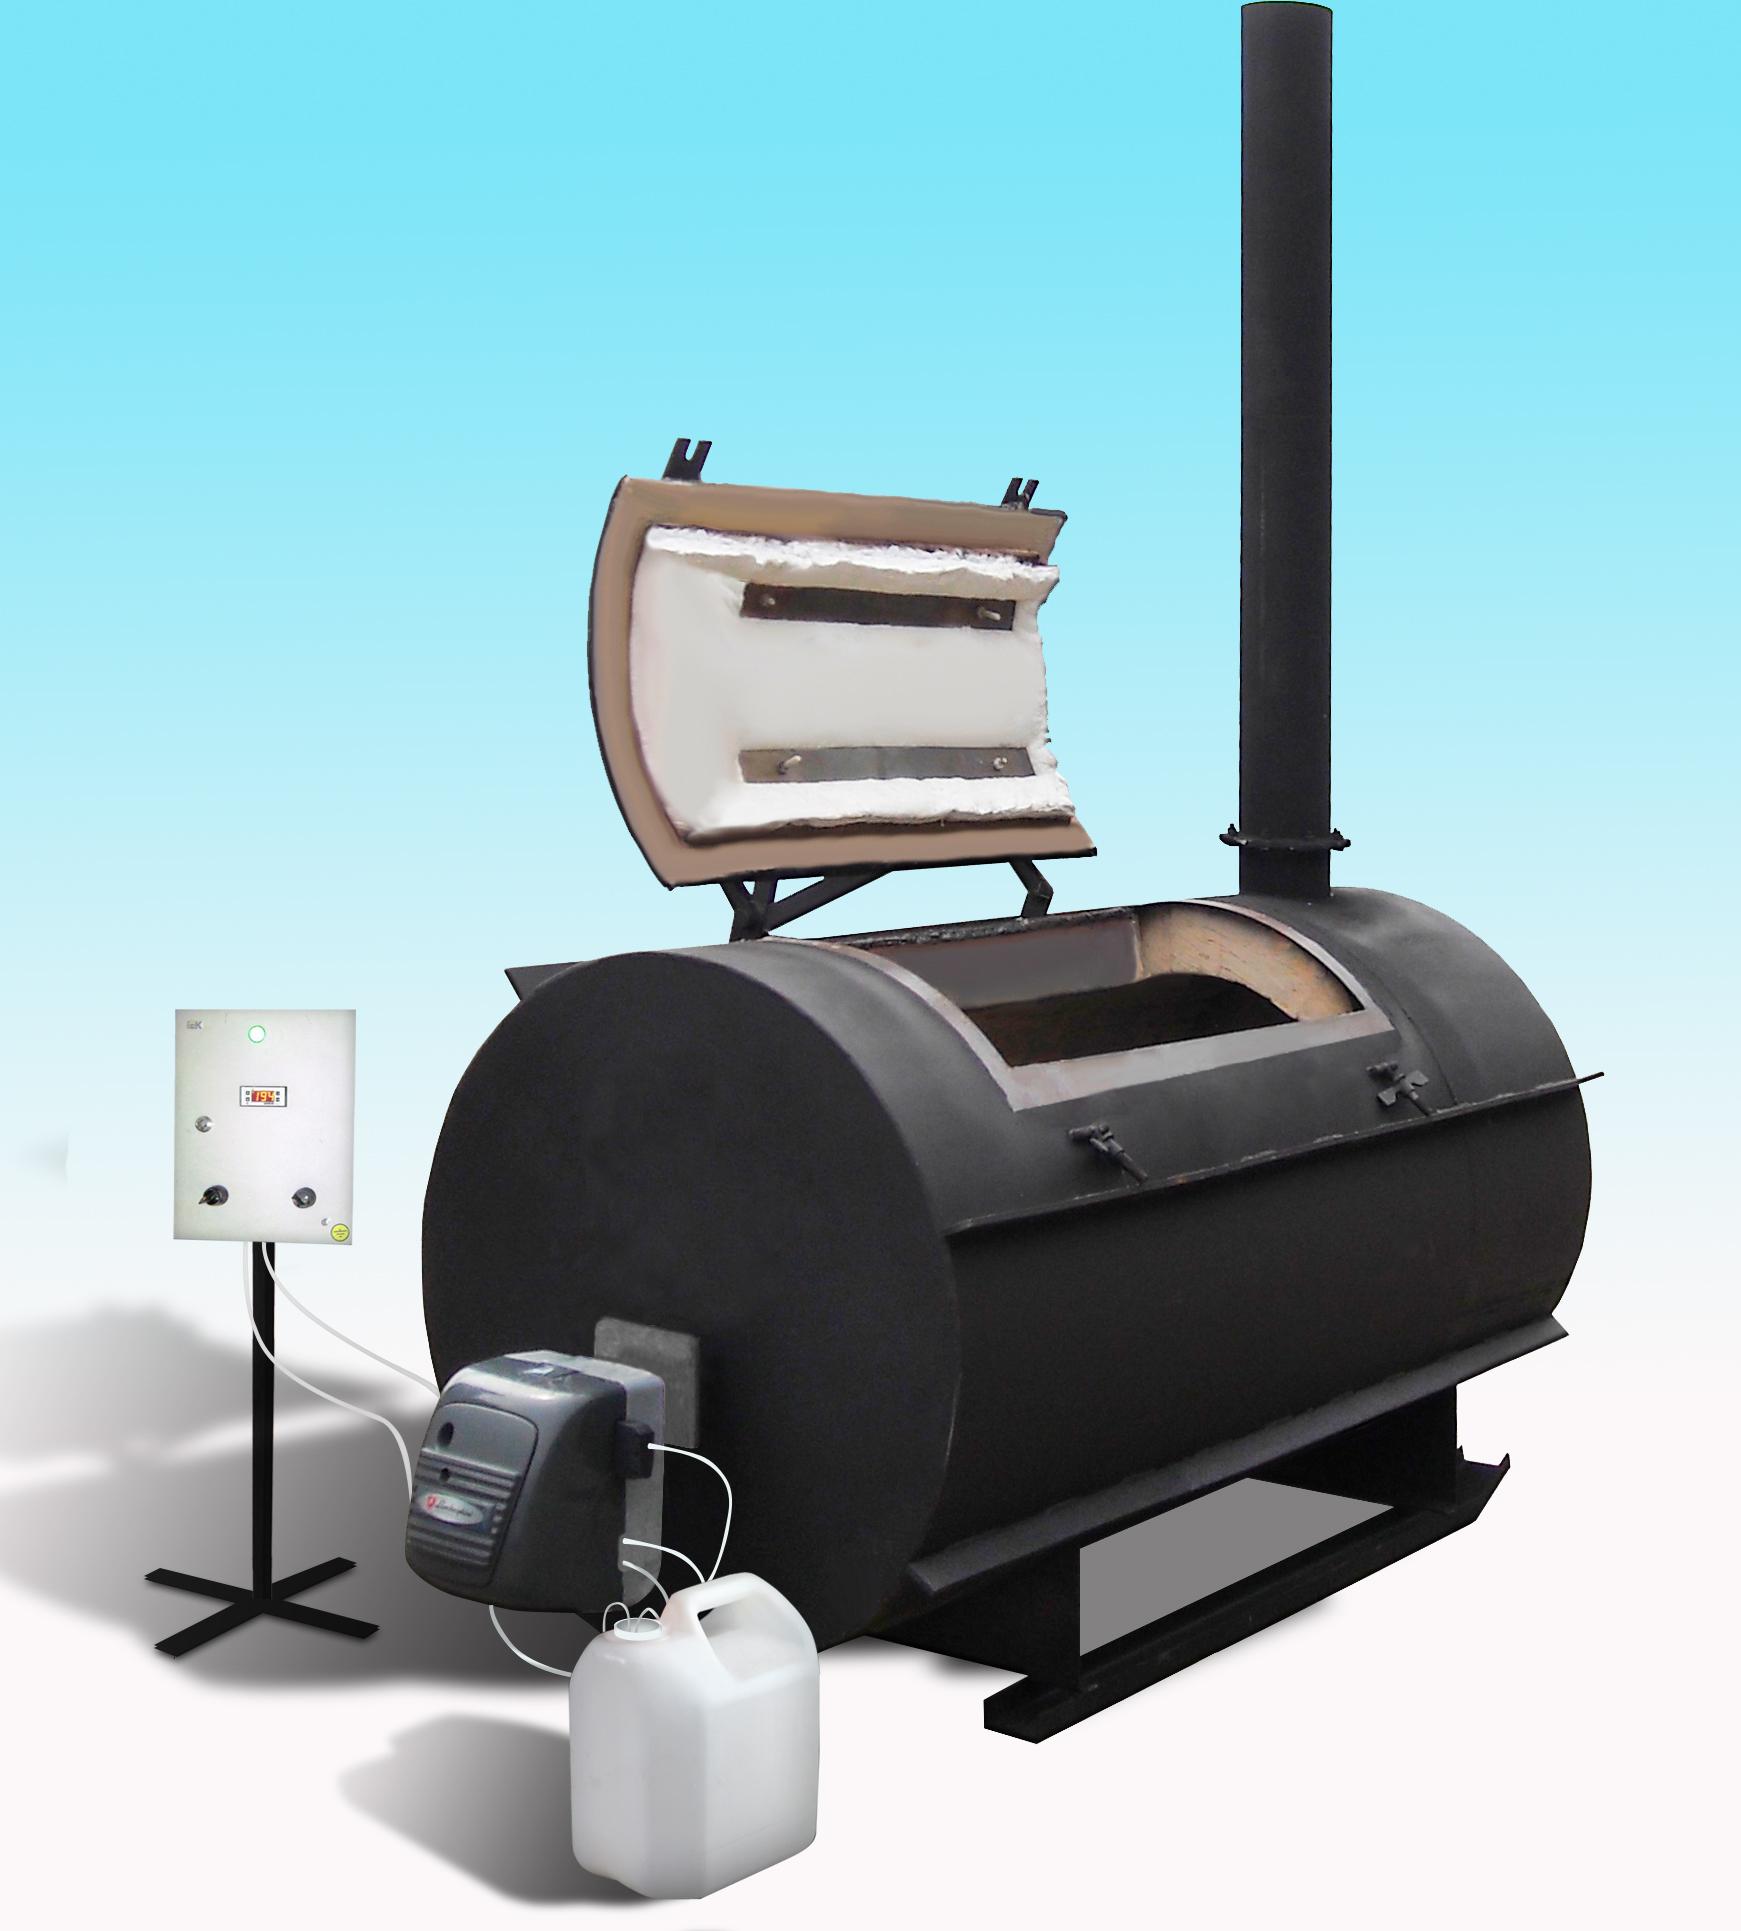 крематор, сжигание отходов, печь для отходов